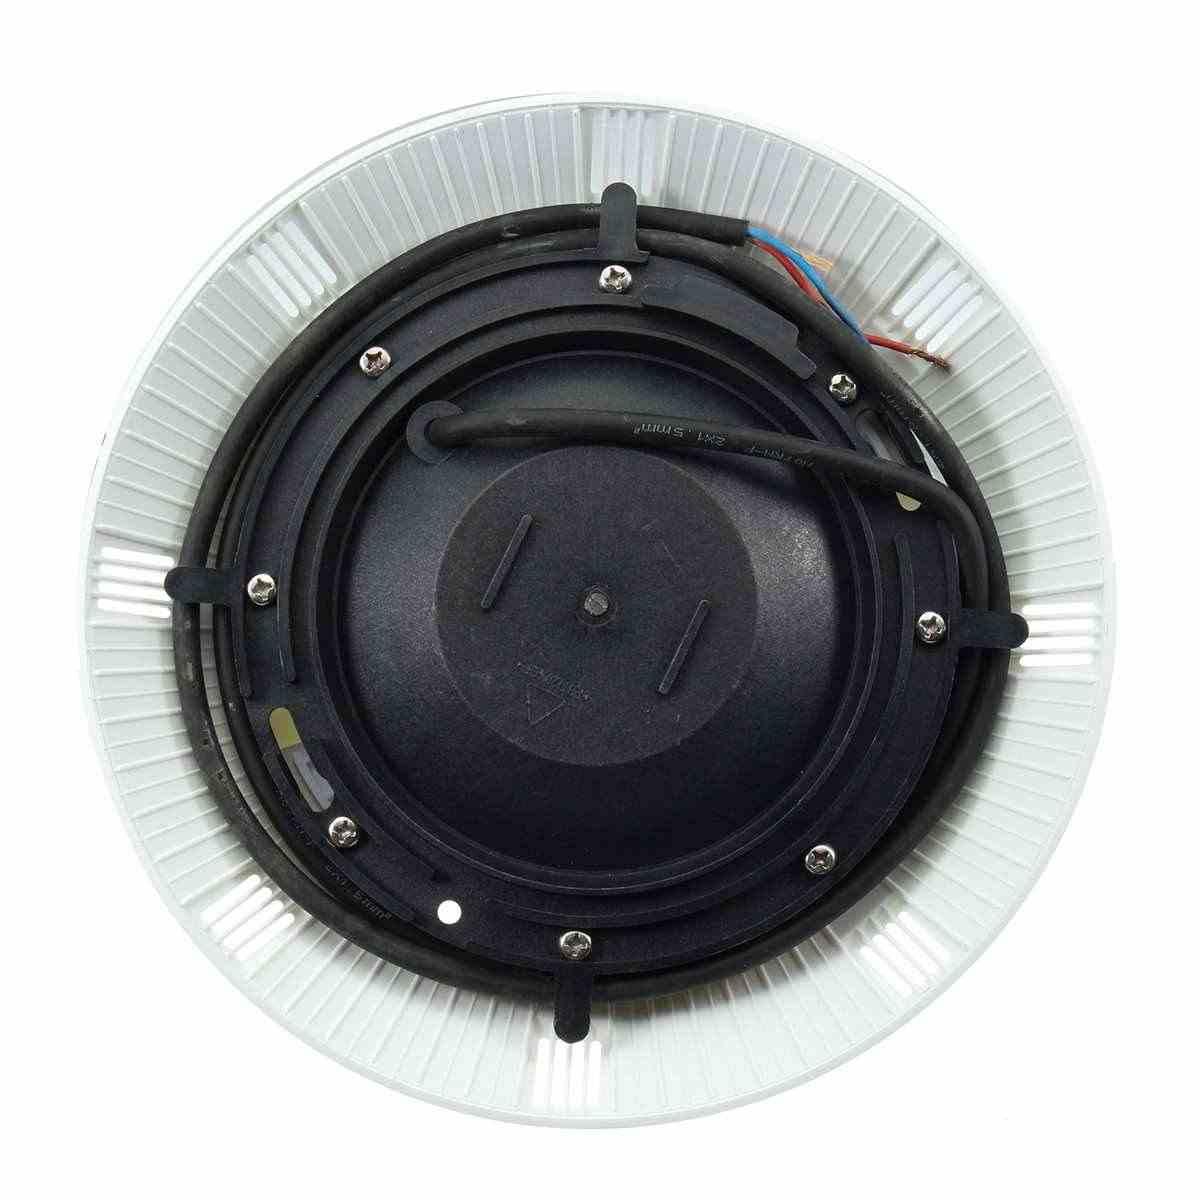 AC Автомобильная сирена, легкая в установке, 12В 25/35/45 Вт RGB светодиодный бассейн underrwater светодиодный свет 7 цветов настенный светильник для водоемов + пульт дистанционного управления Управление